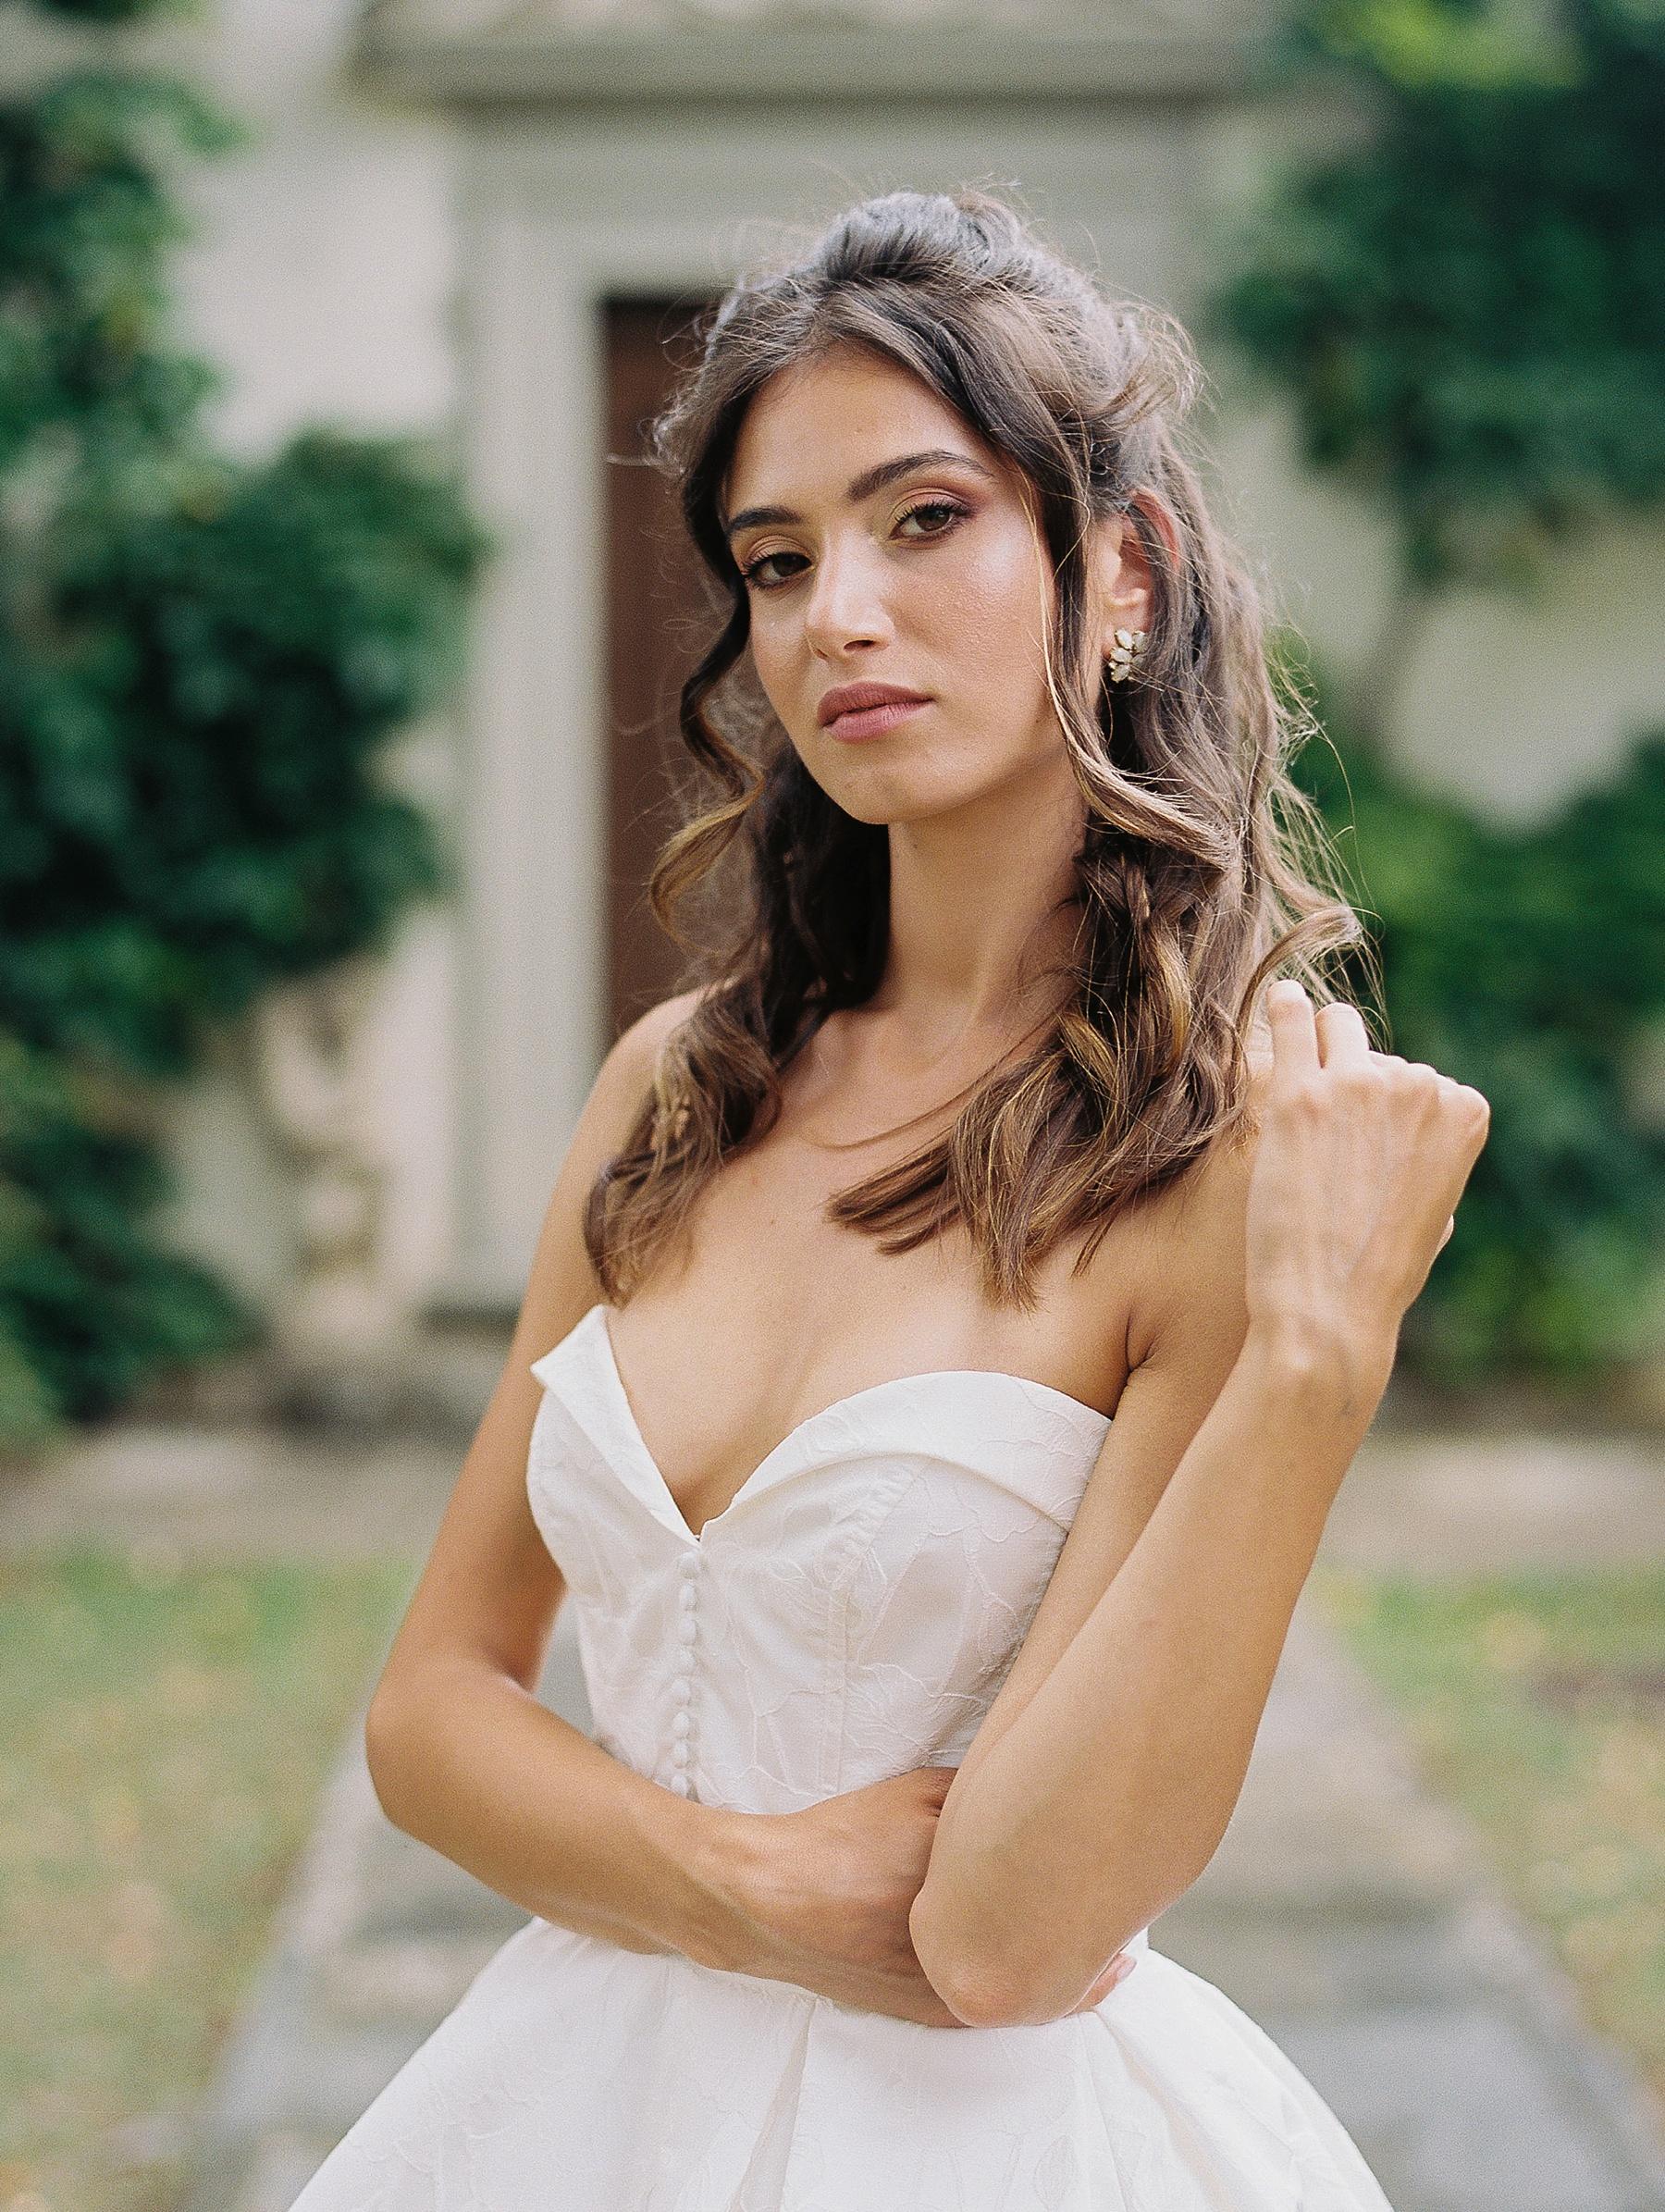 Il Borro Tuscany Italy Wedding Photographer_0858.jpg